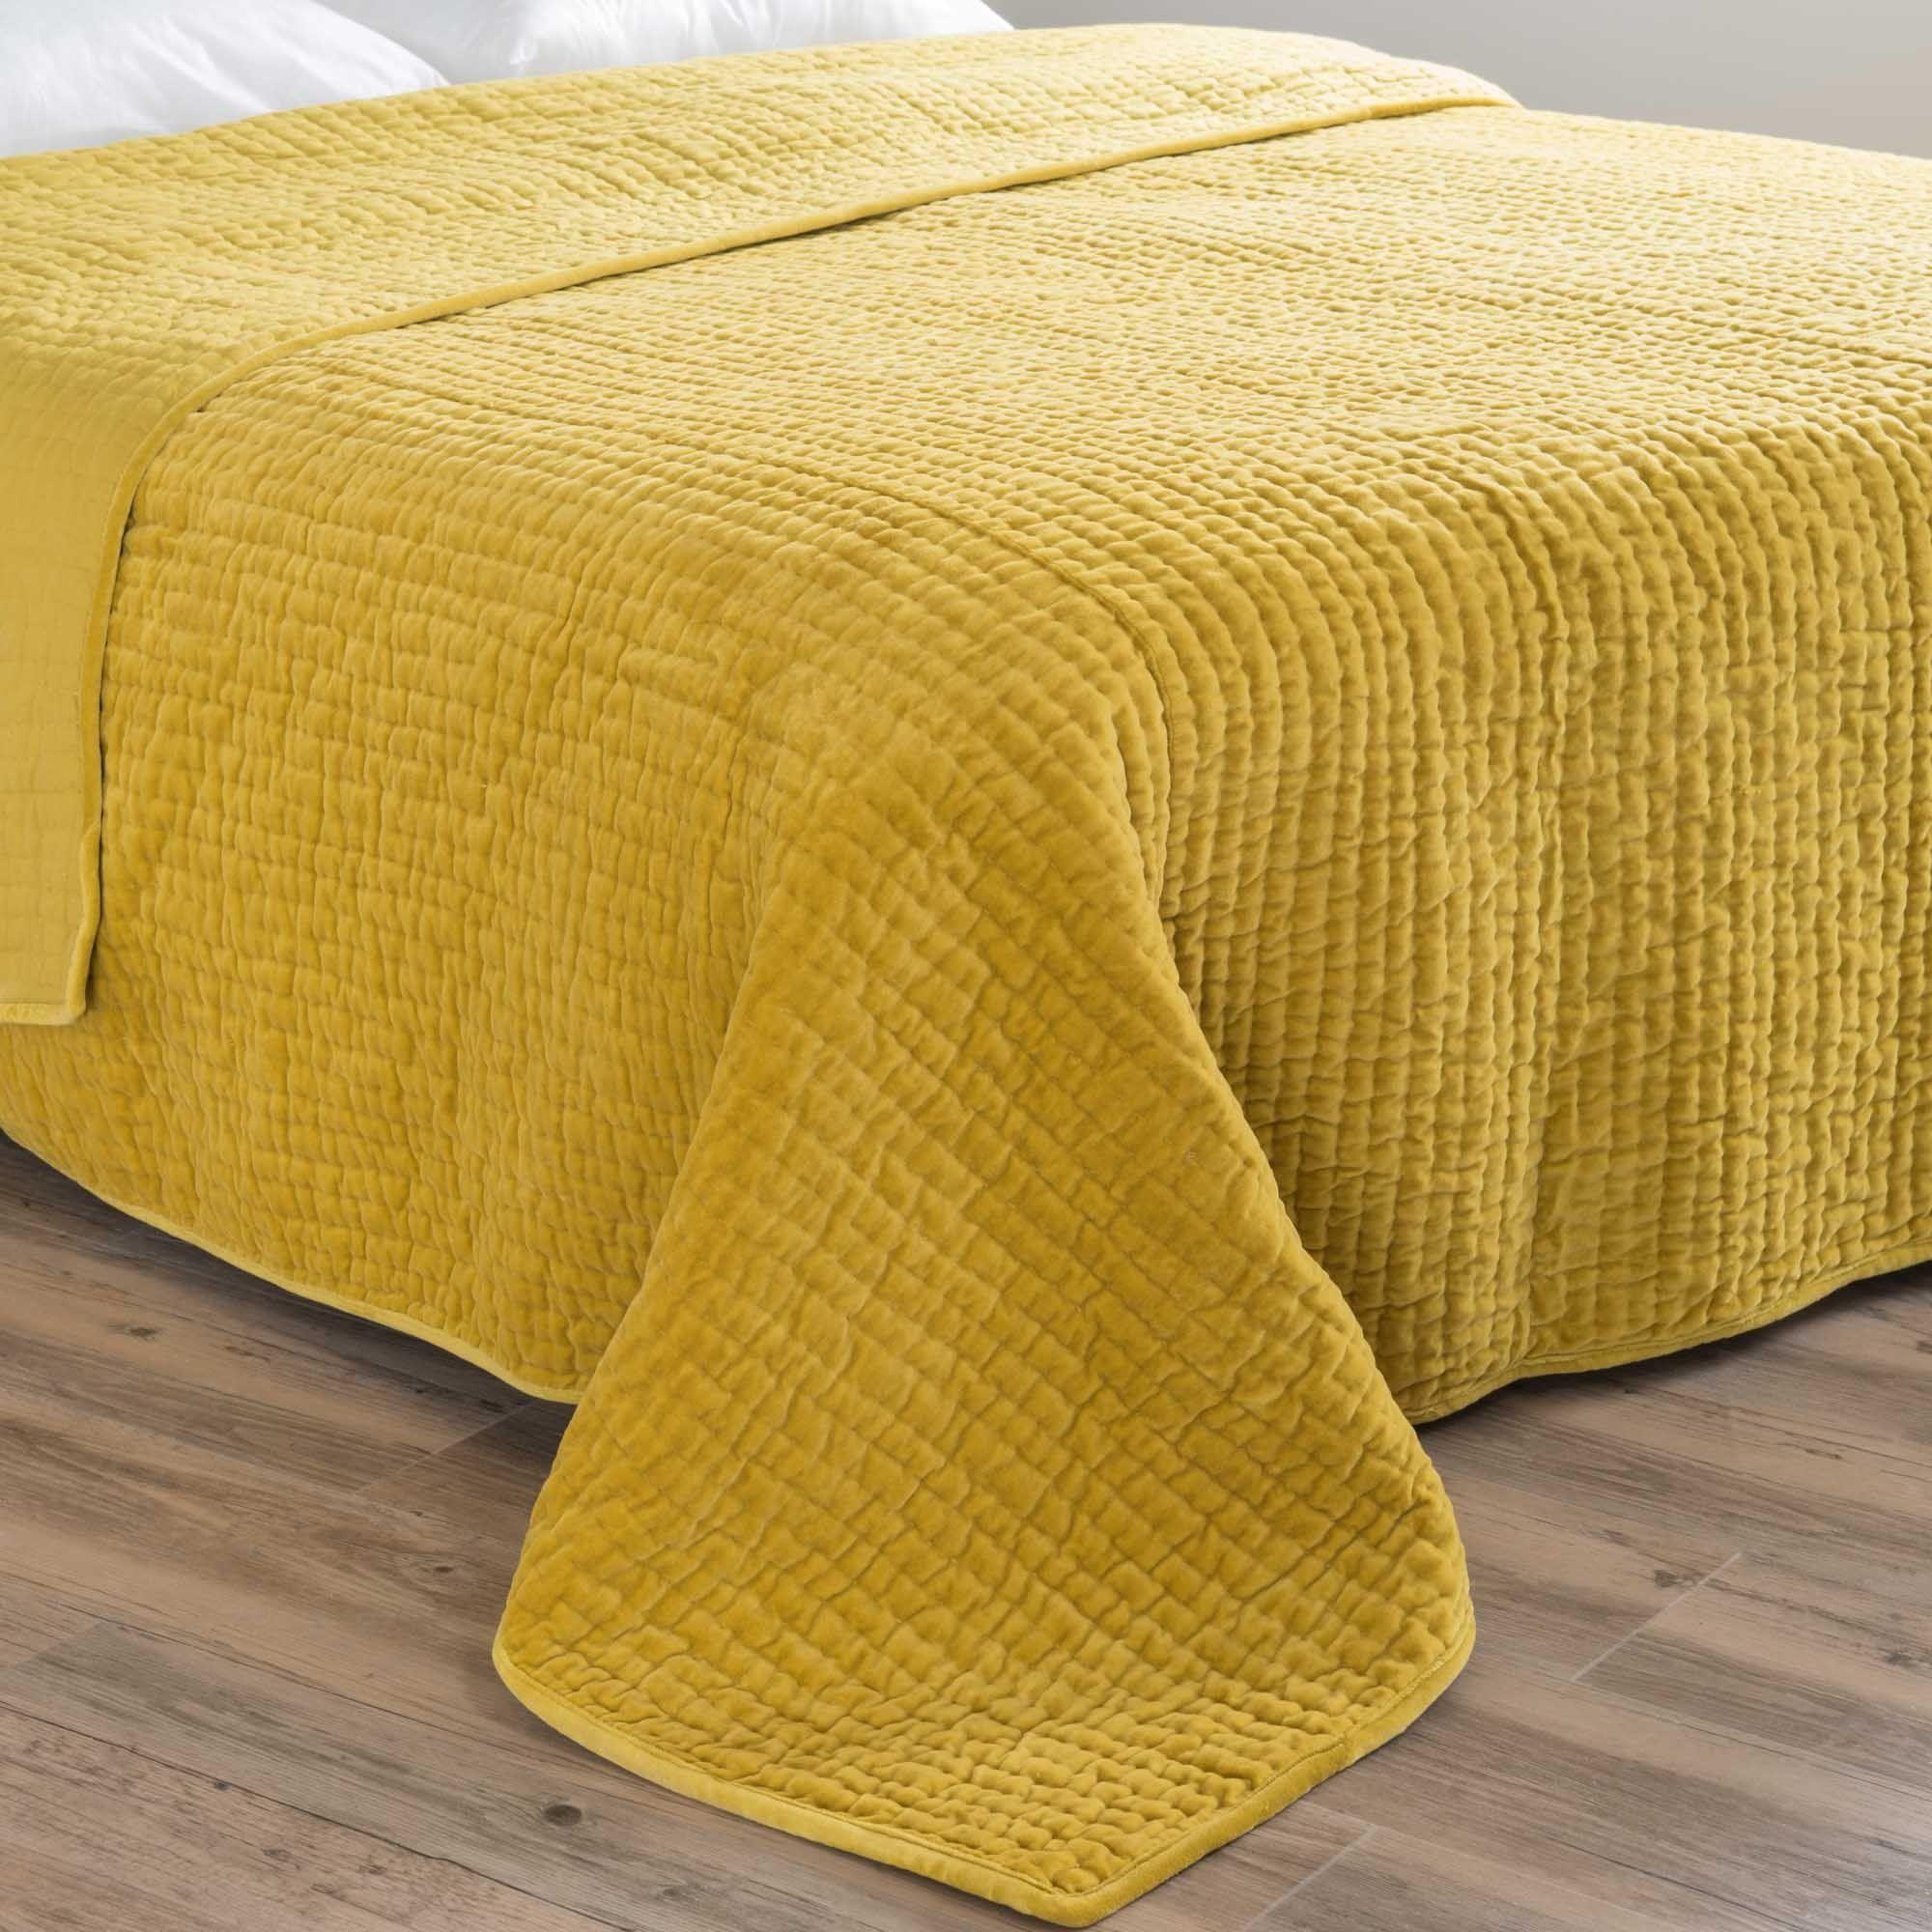 boutis piqu en velours jaune moutarde 240 x 260 cm eclectic style project jaune chambre. Black Bedroom Furniture Sets. Home Design Ideas